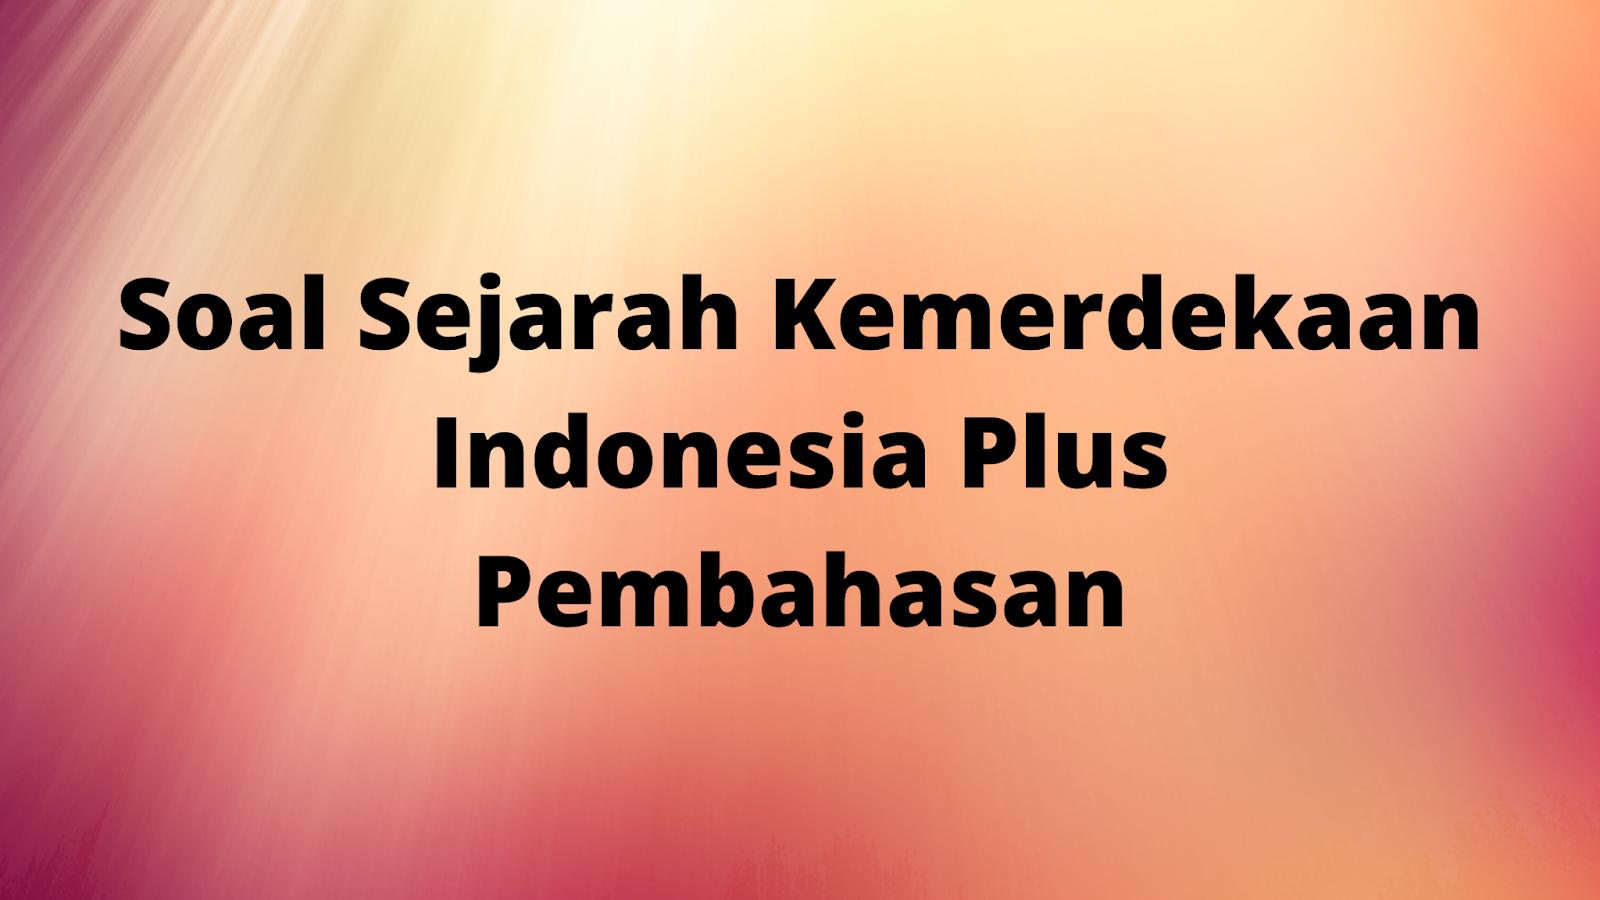 Soal Sejarah Kemerdekaan Indonesia Plus Pembahasan